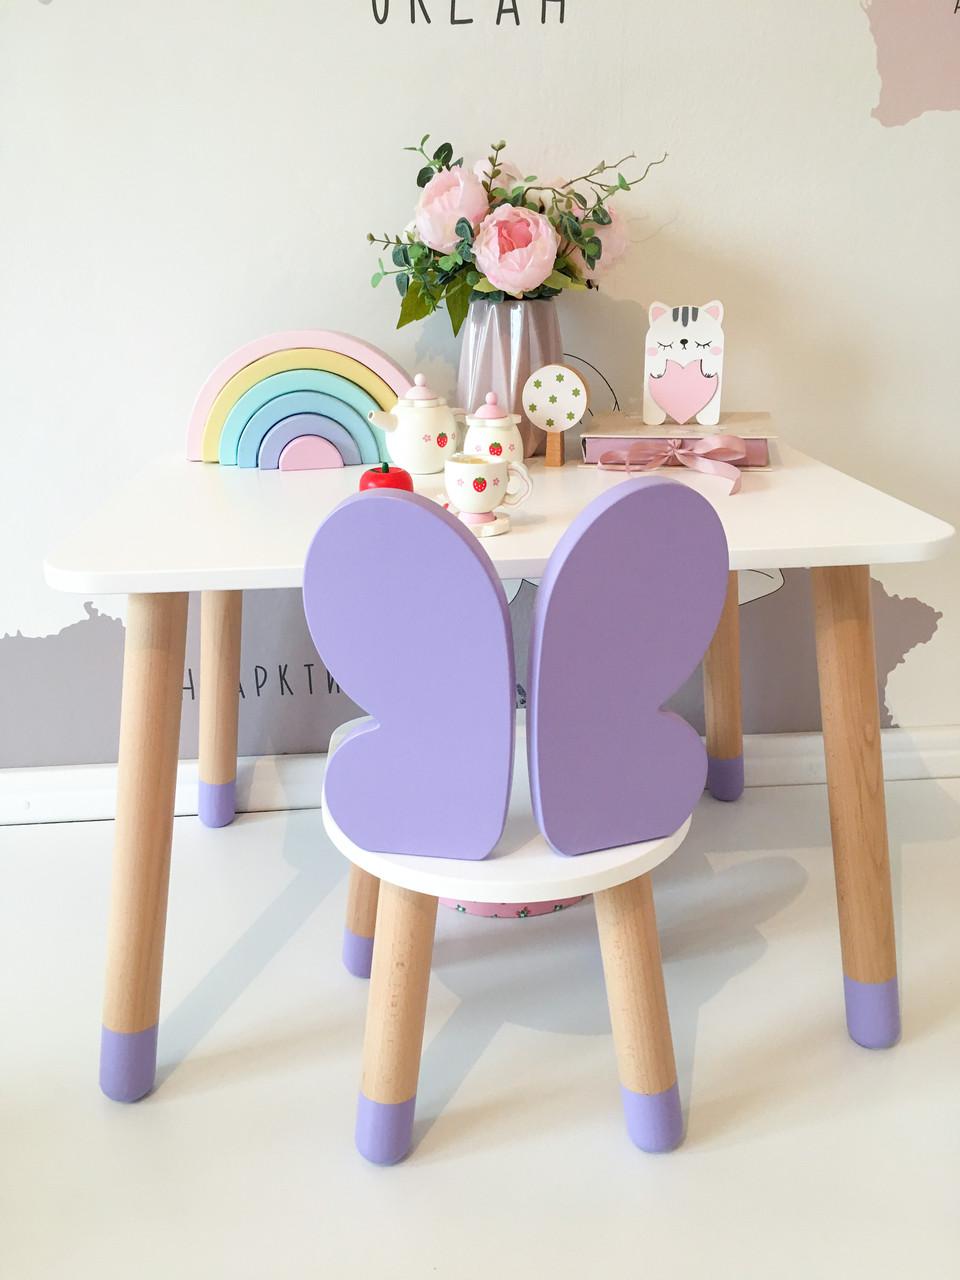 Детский стол и 1 стул (деревянный стульчик бабочка и прямоугольный стол)